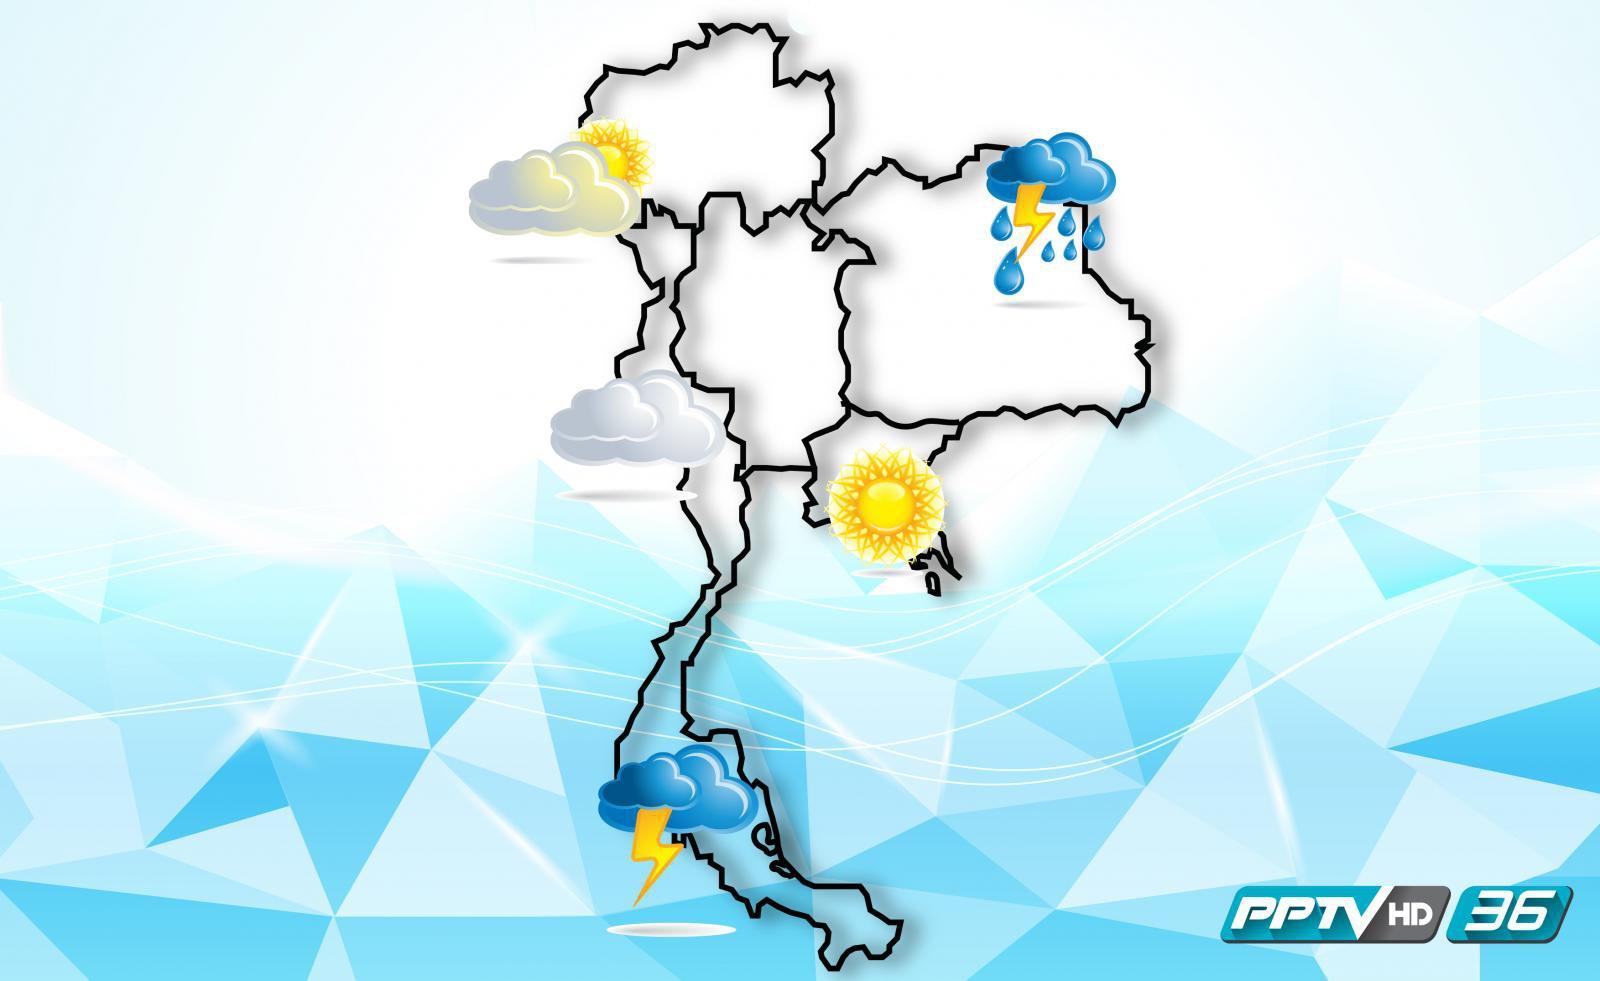 กรมอุตุฯ เผย 4 มิ.ย. 59 ภาคใต้ฝั่งตะวันออก - ภาคตะวันออก ฝนชุก 70%